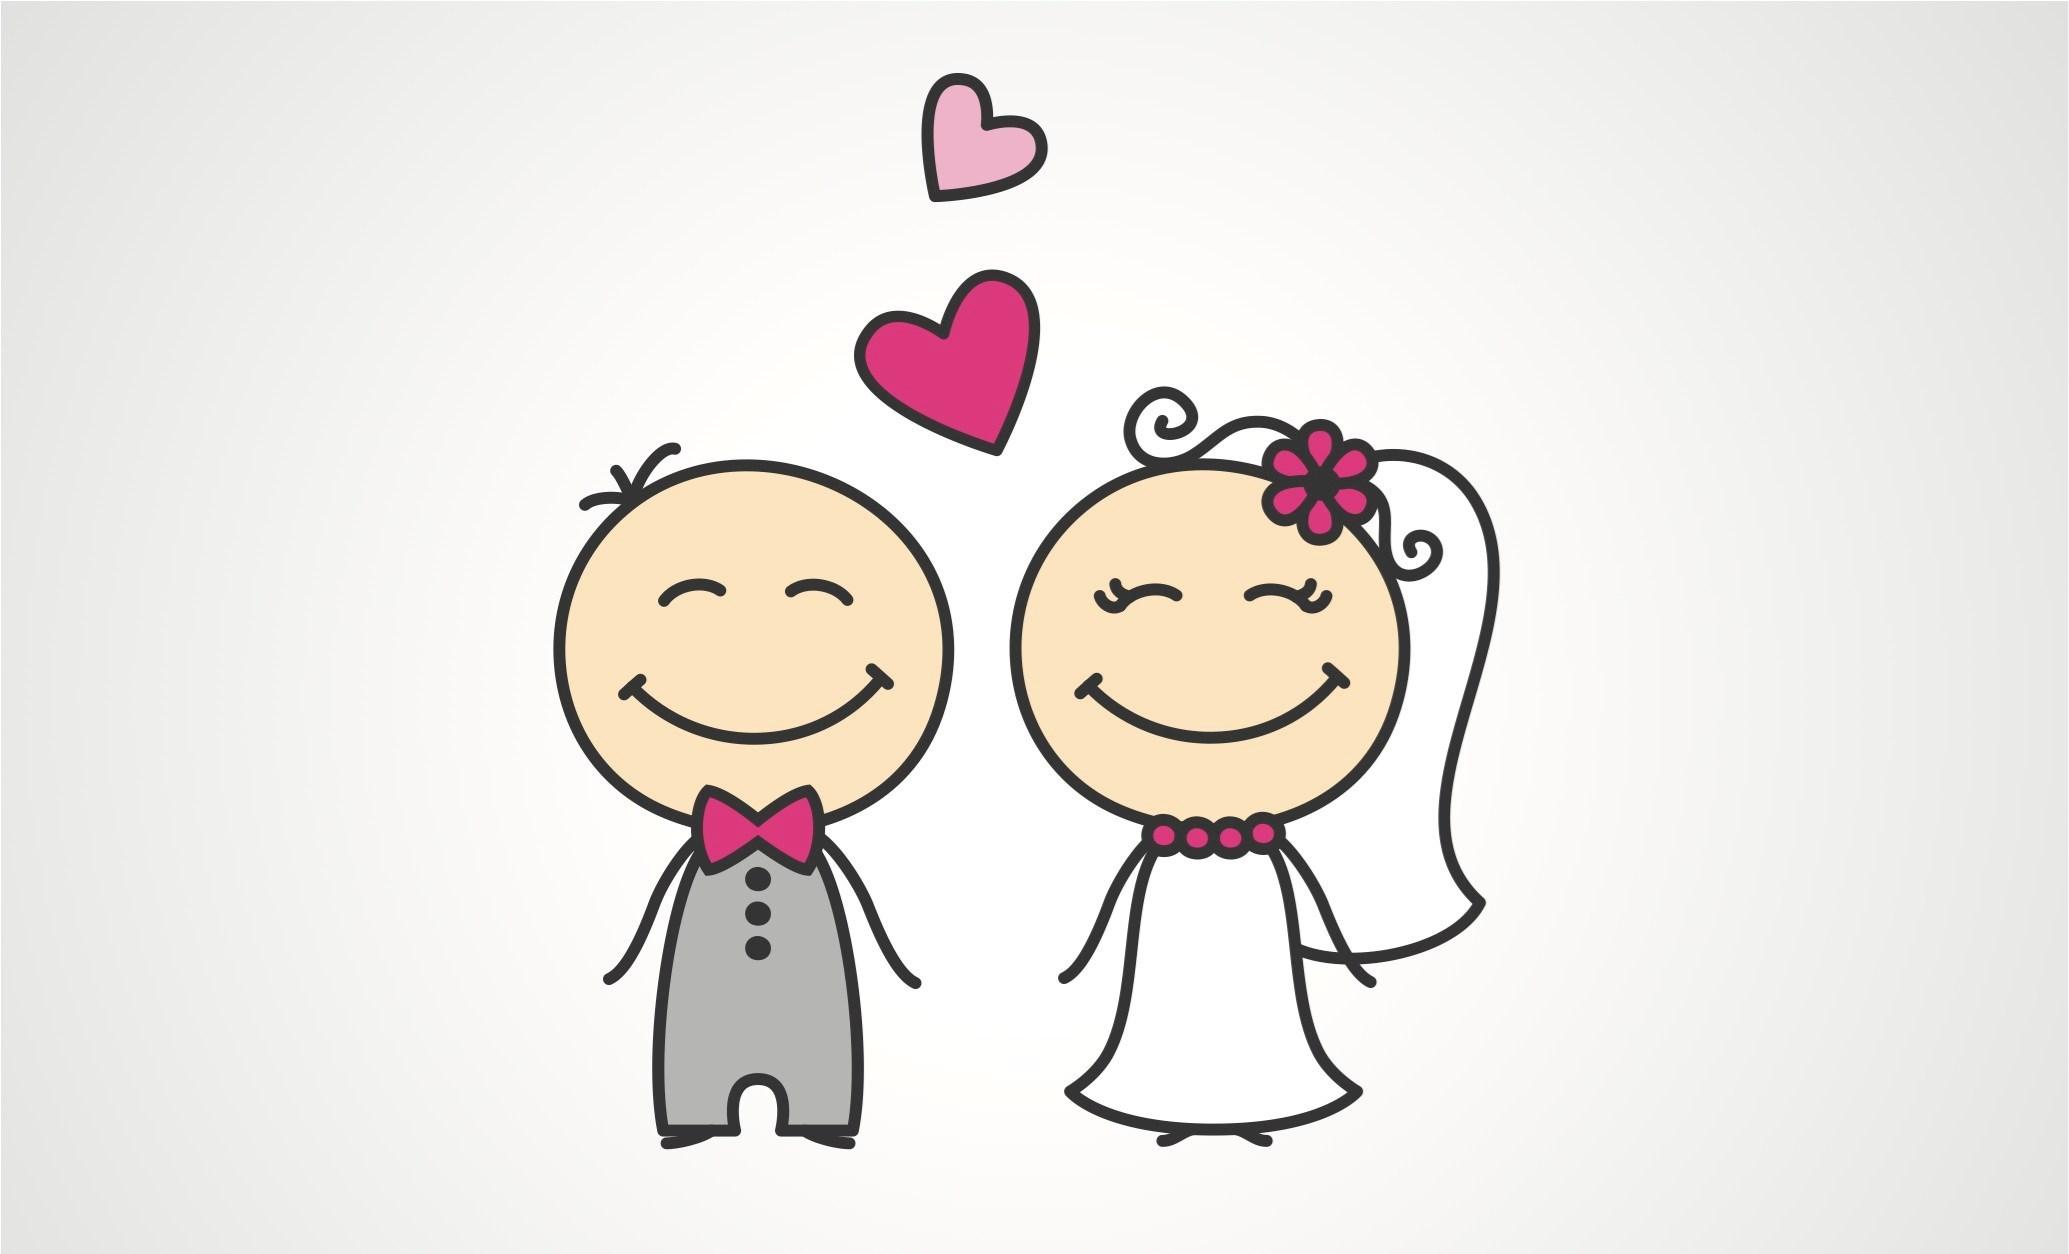 Милой, мультяшные картинки на свадьбу смешные